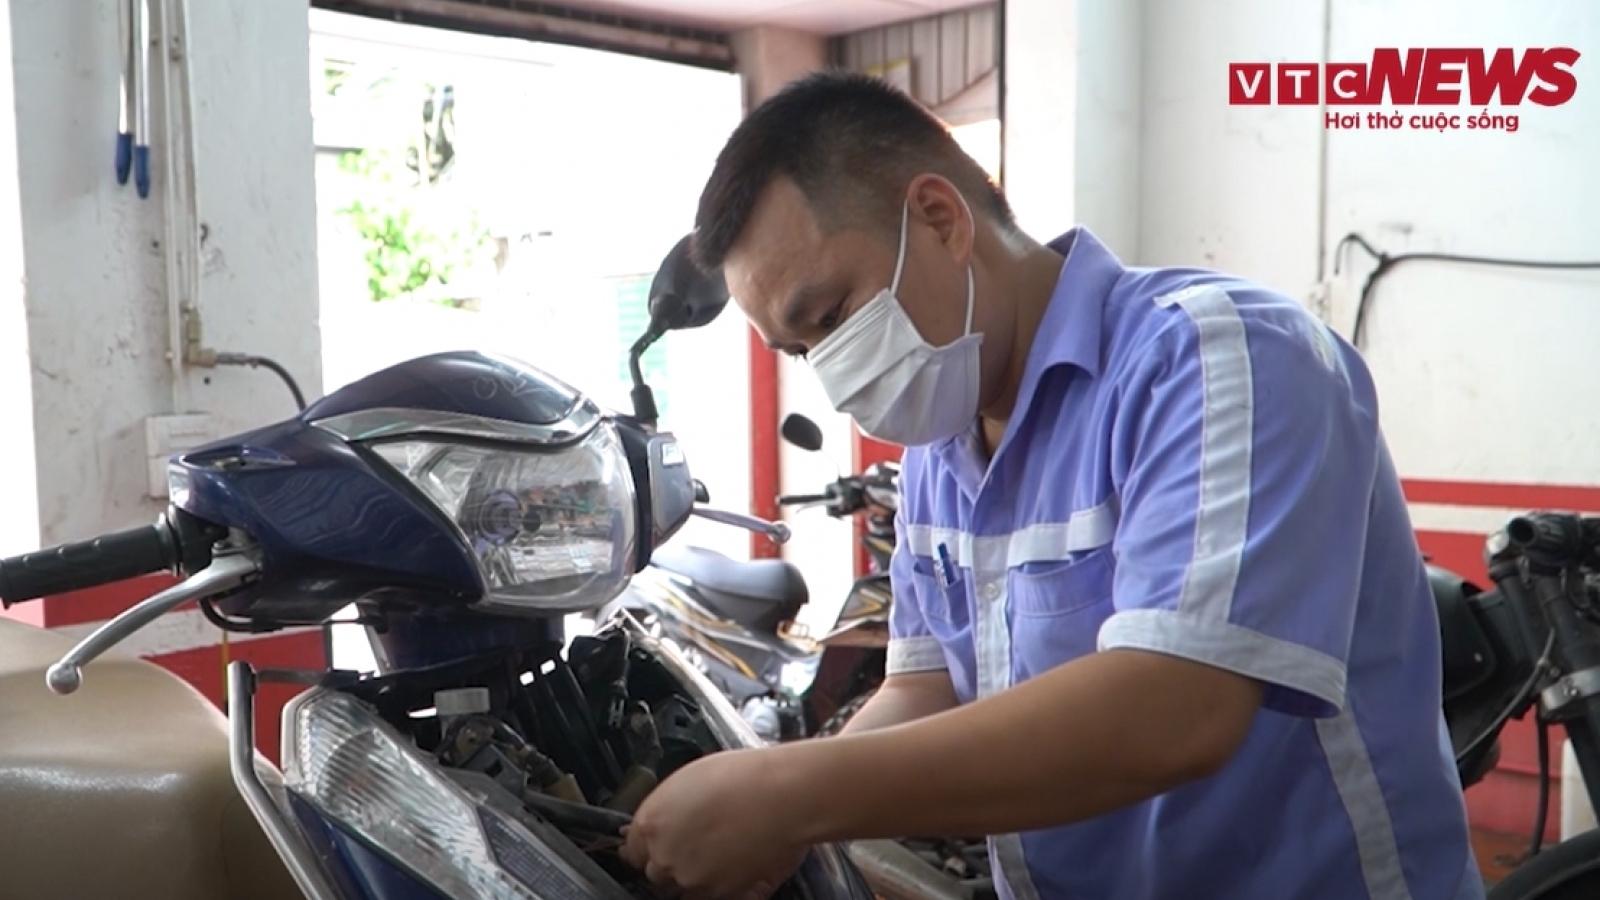 Video: Ô tô, xe máy xếp kín cửa hàng chờ sửa sau 2 tháng giãn cách